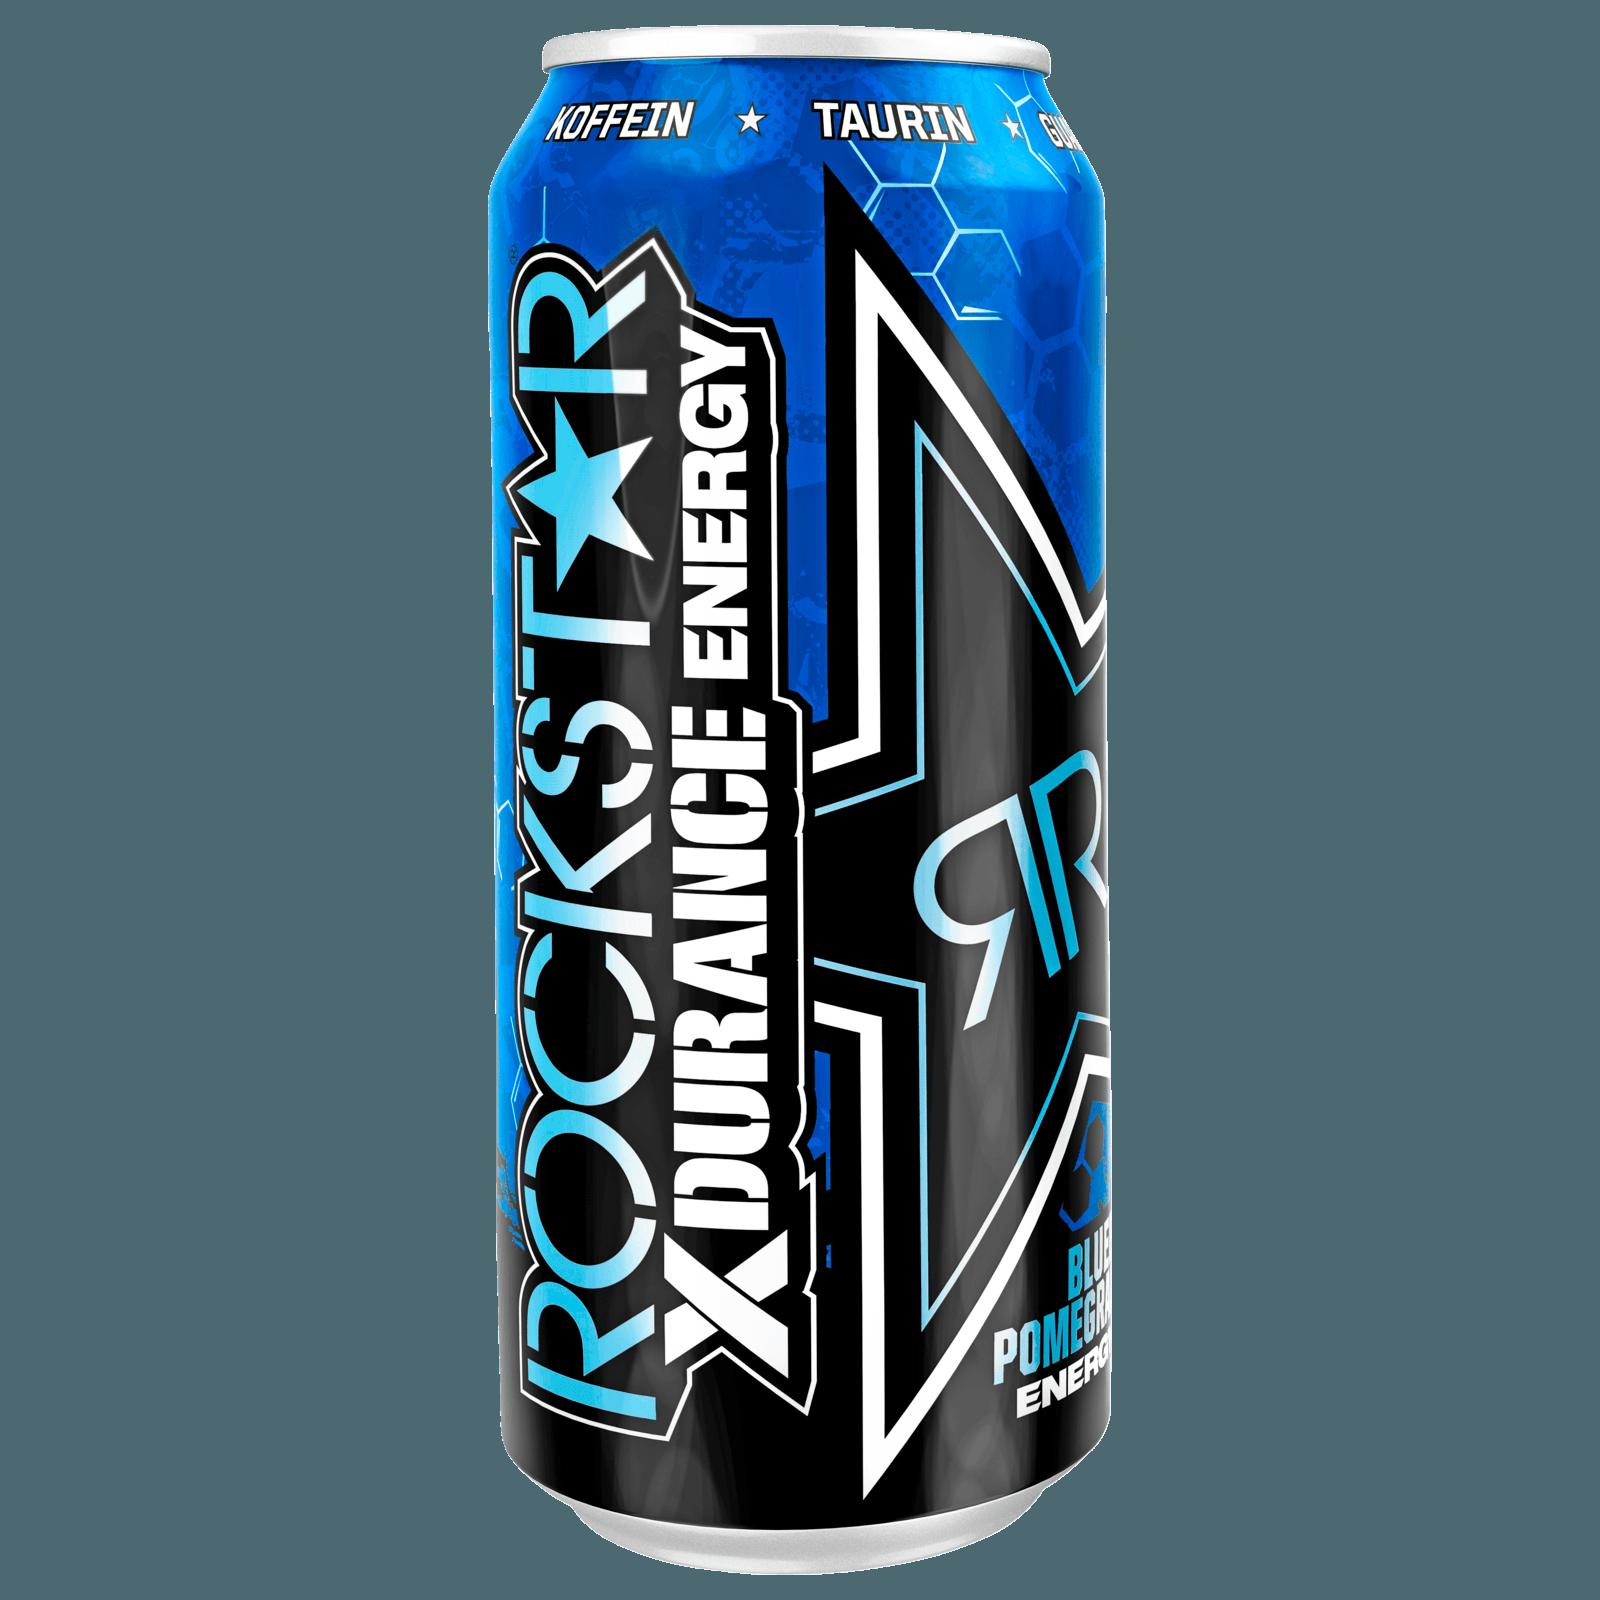 Rockstar X-Durance Energy Drink 0,5l bei REWE online bestellen!